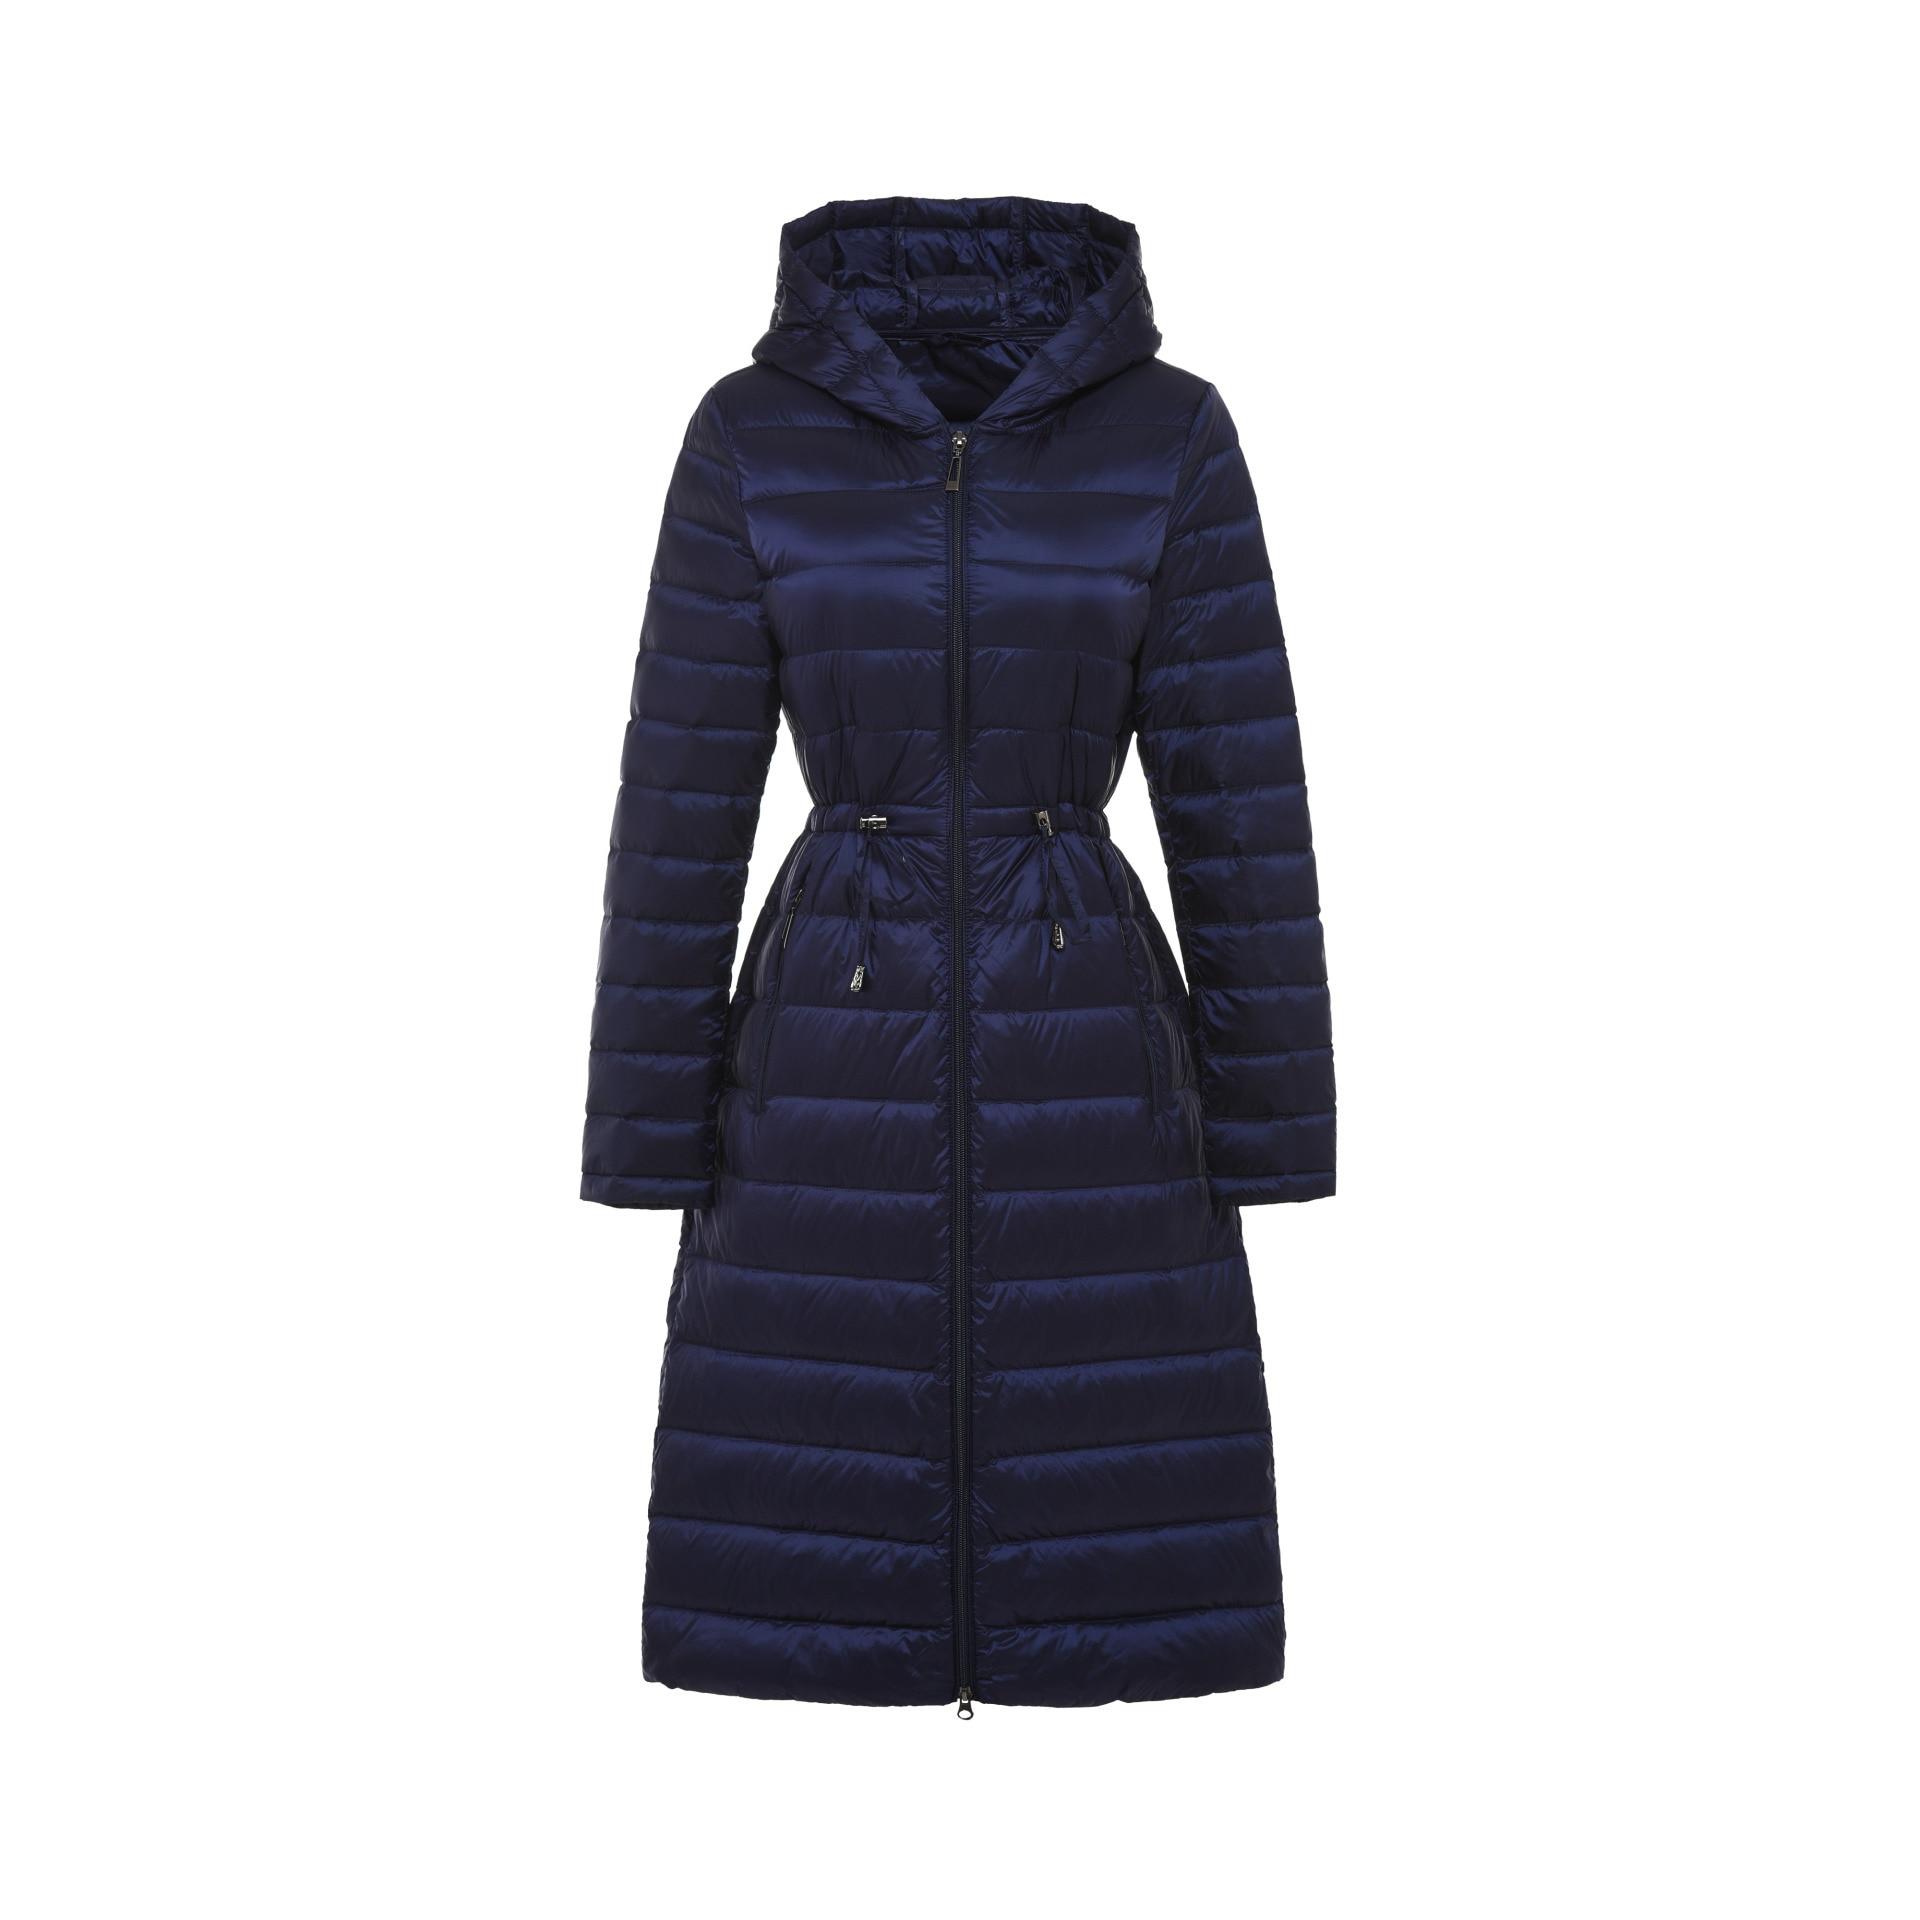 Plus Veste Color Le D'hiver Femelle La Mince Taille Gh Nouvelles wknOPX80